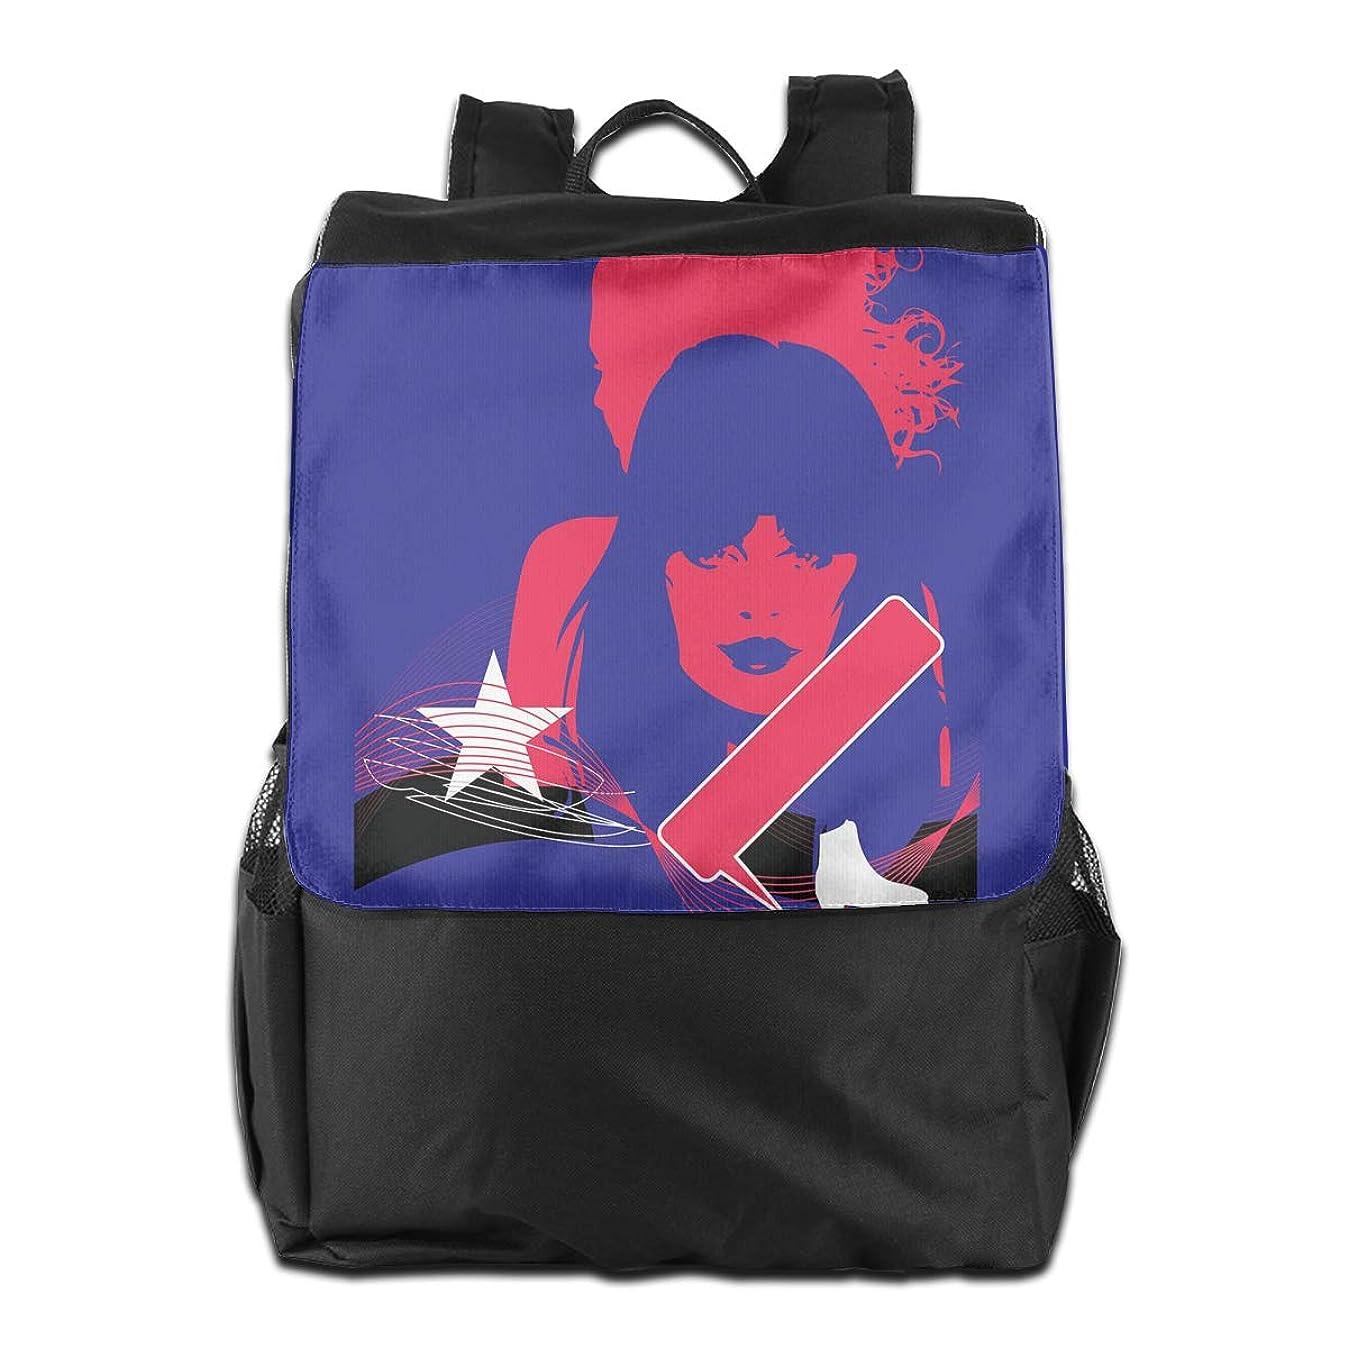 バイアス盲目占めるバックパックリュック 大容量 メンズ バックパック インラインスケートと星と美人 カジュアルバッグ オシャレ旅行バッグ 通勤 通学 男女兼用バッグ 黒